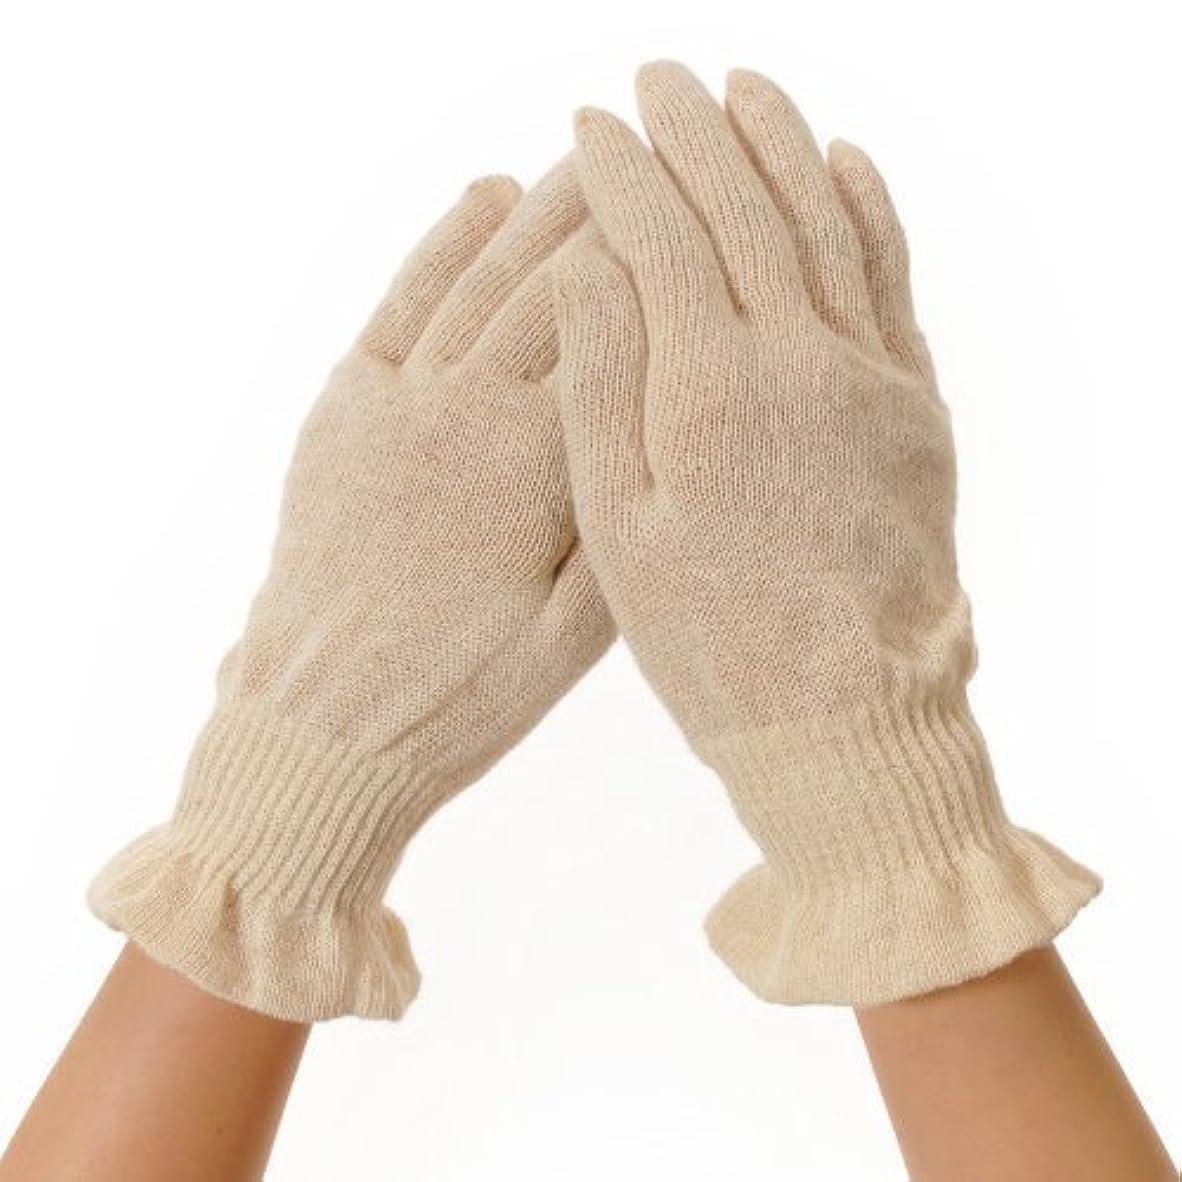 構想する打ち上げるつぶす麻福 就寝用 手袋 [寝ている間に保湿で手荒れケア おやすみ手袋] 麻福特製ヘンプ糸 R レギュラーサイズ (女性ゆったり/男性ジャストフィット) きなり色 手荒れ予防